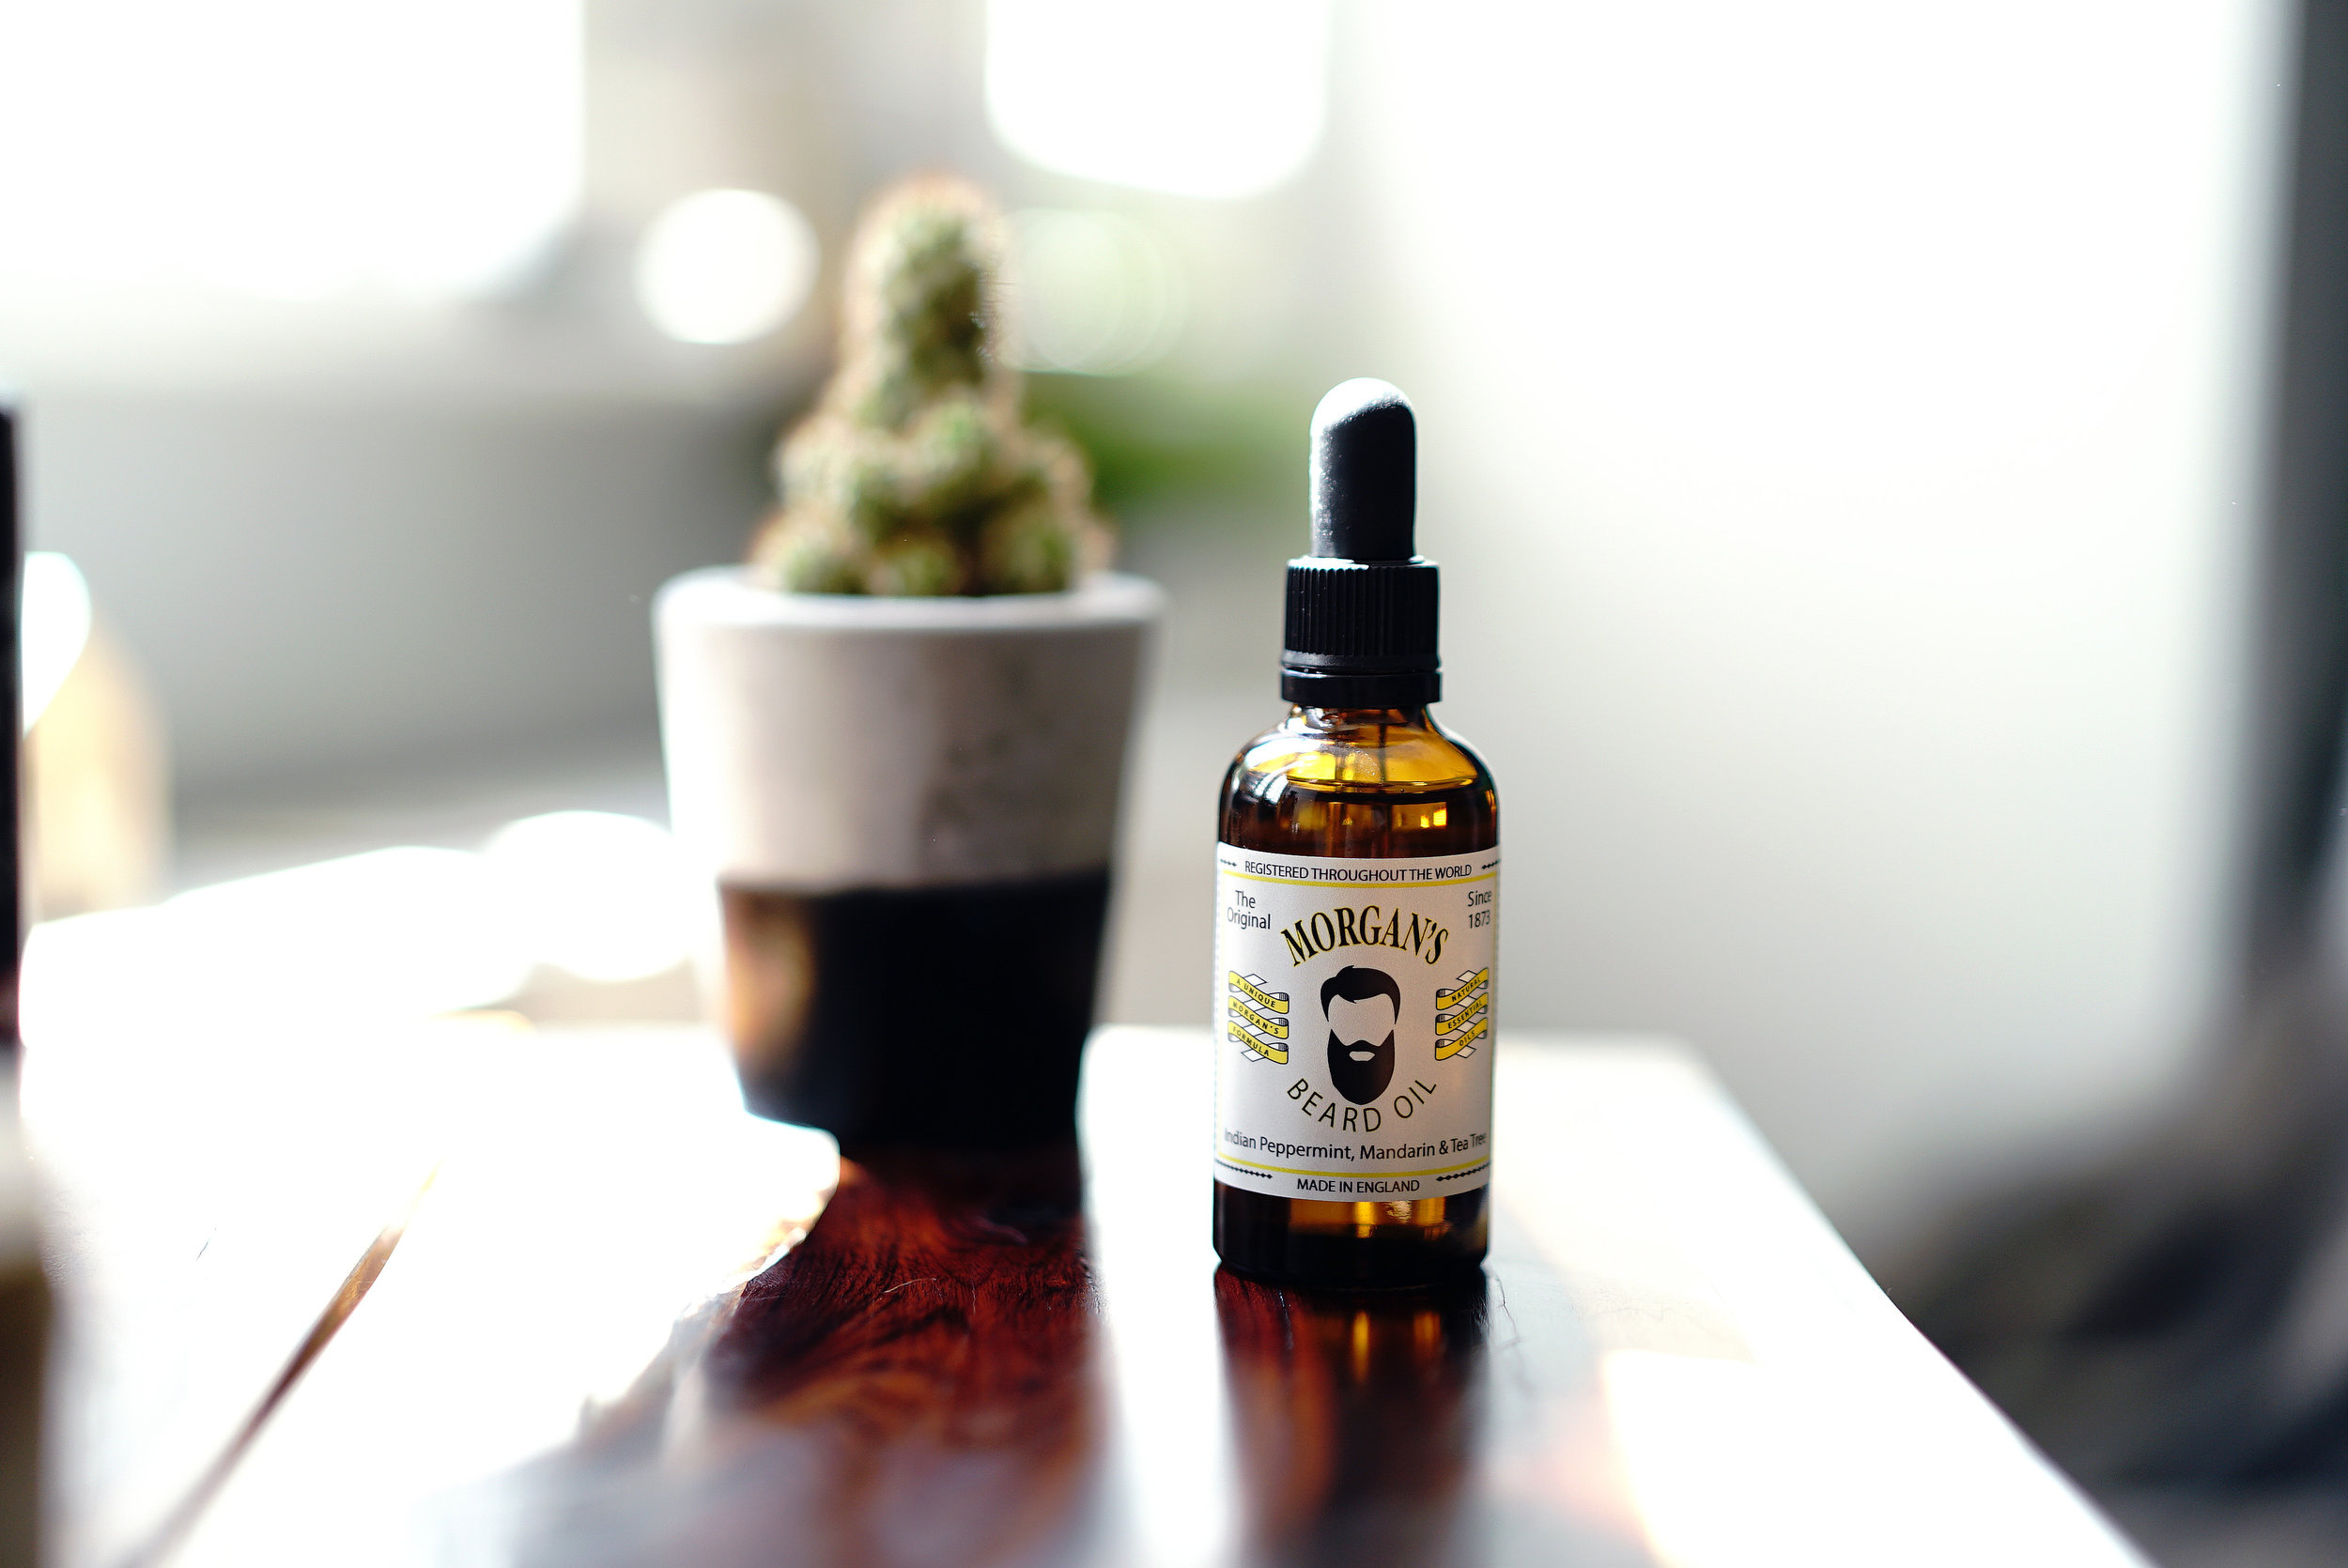 Morgans Beard Oil - Maximum Style UK.jpg